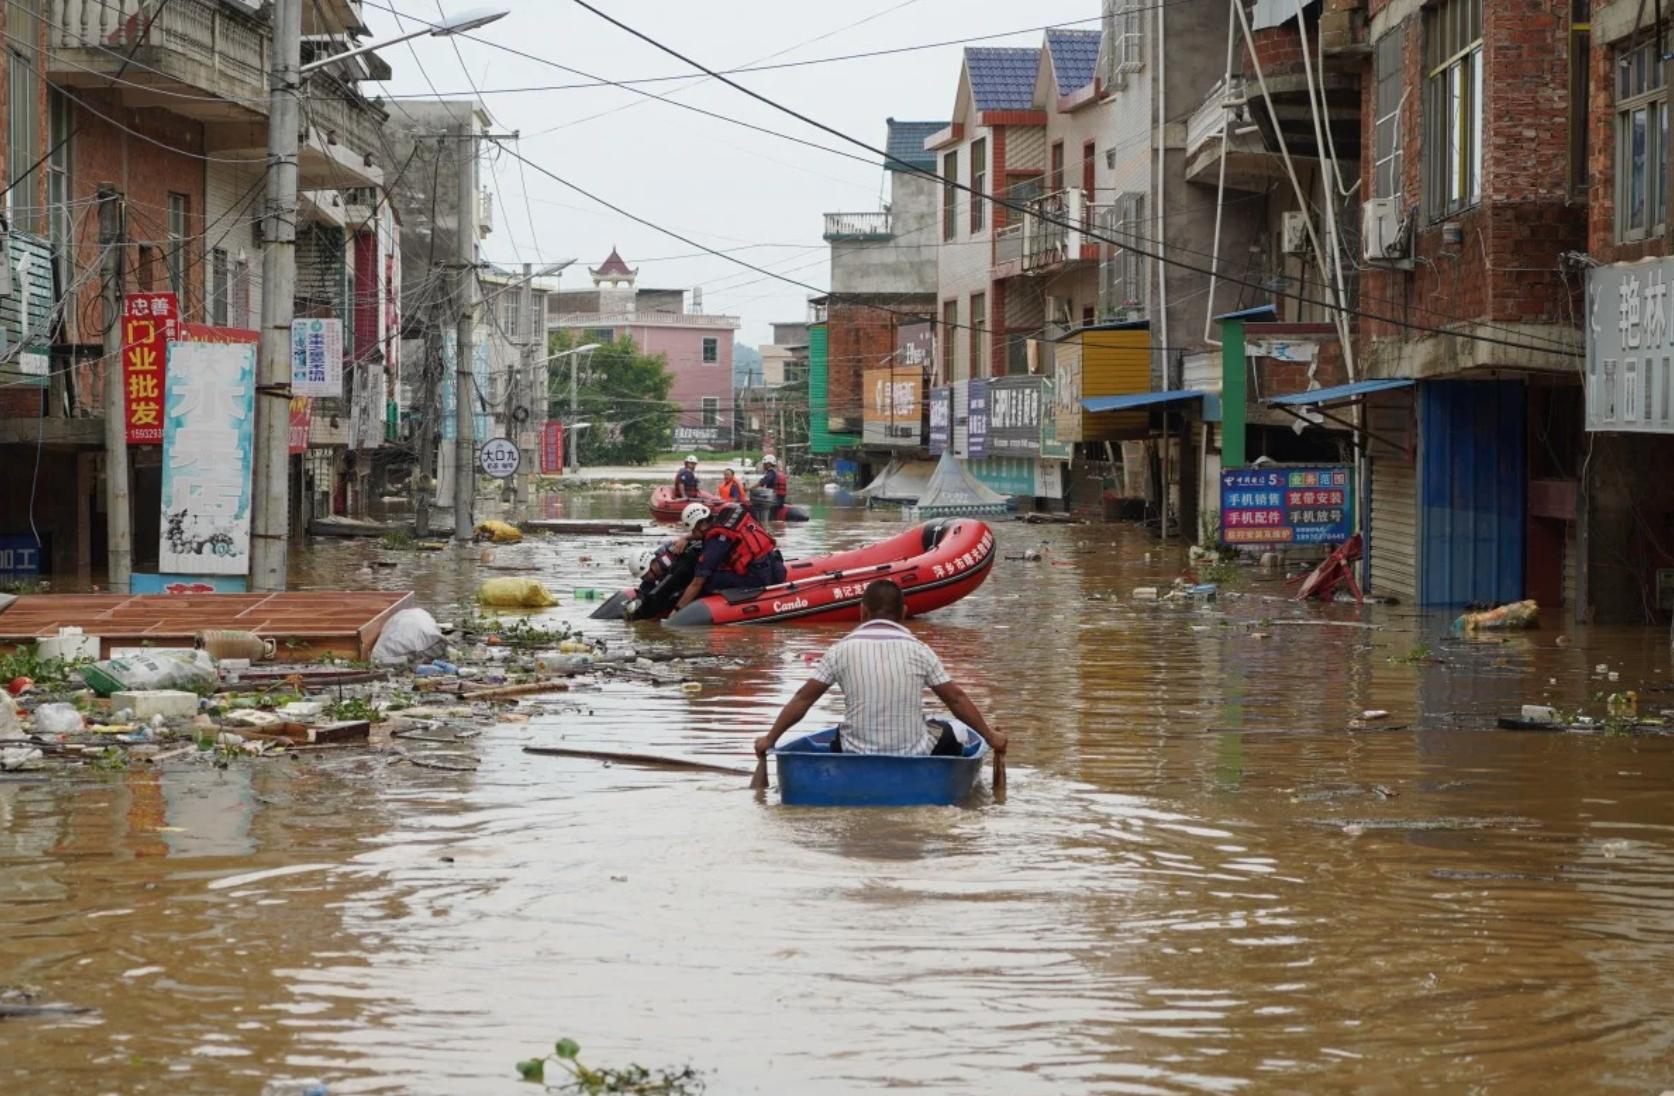 Lũ lụt tại Trung Cộng gây ảnh hưởng nặng nề cho 34 triệu người